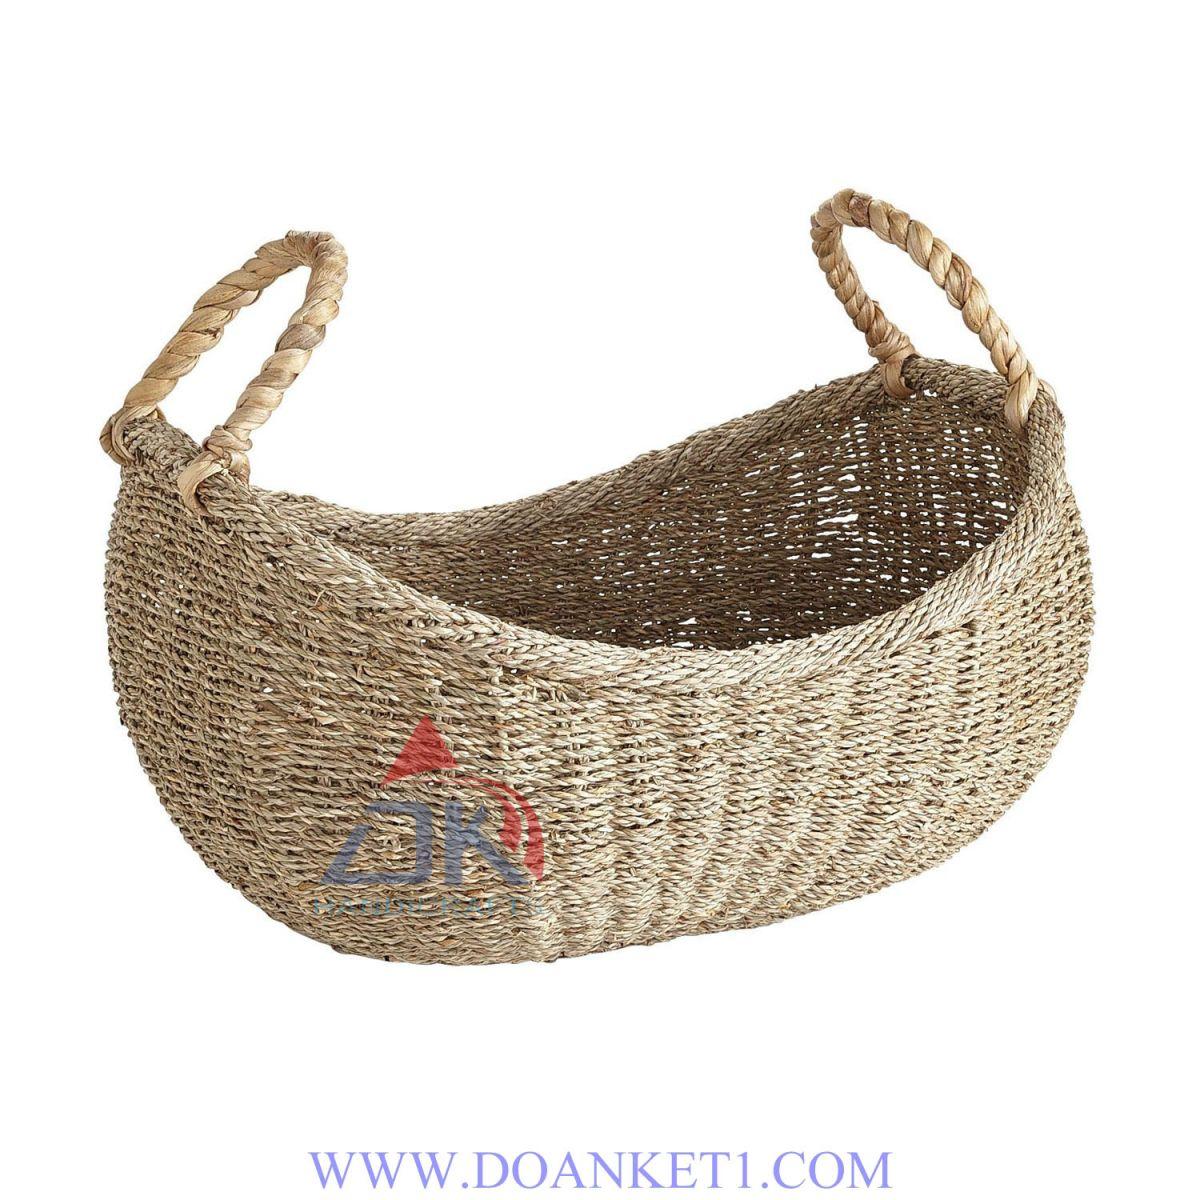 Seagrass Basket # DK231